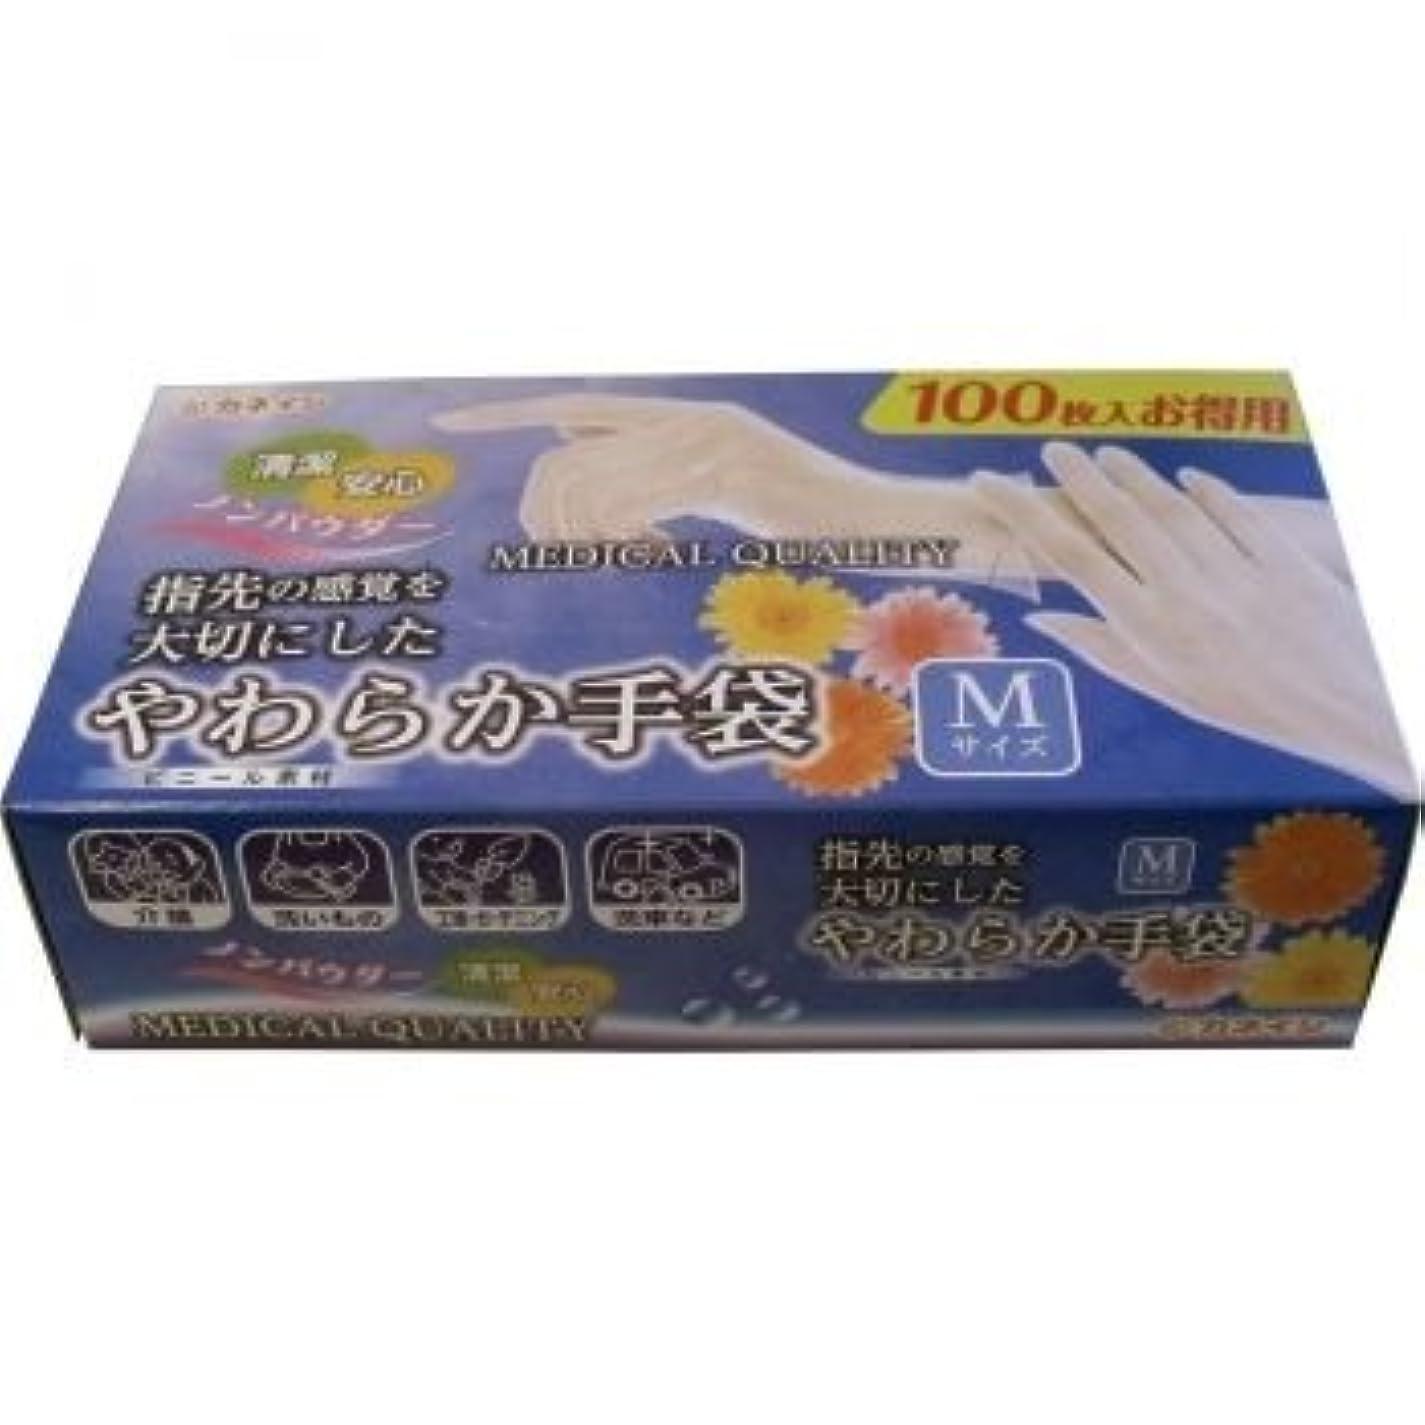 序文レンジ魚やわらか手袋 ビニール素材 パウダーフリー Mサイズ 100枚入「3点セット」